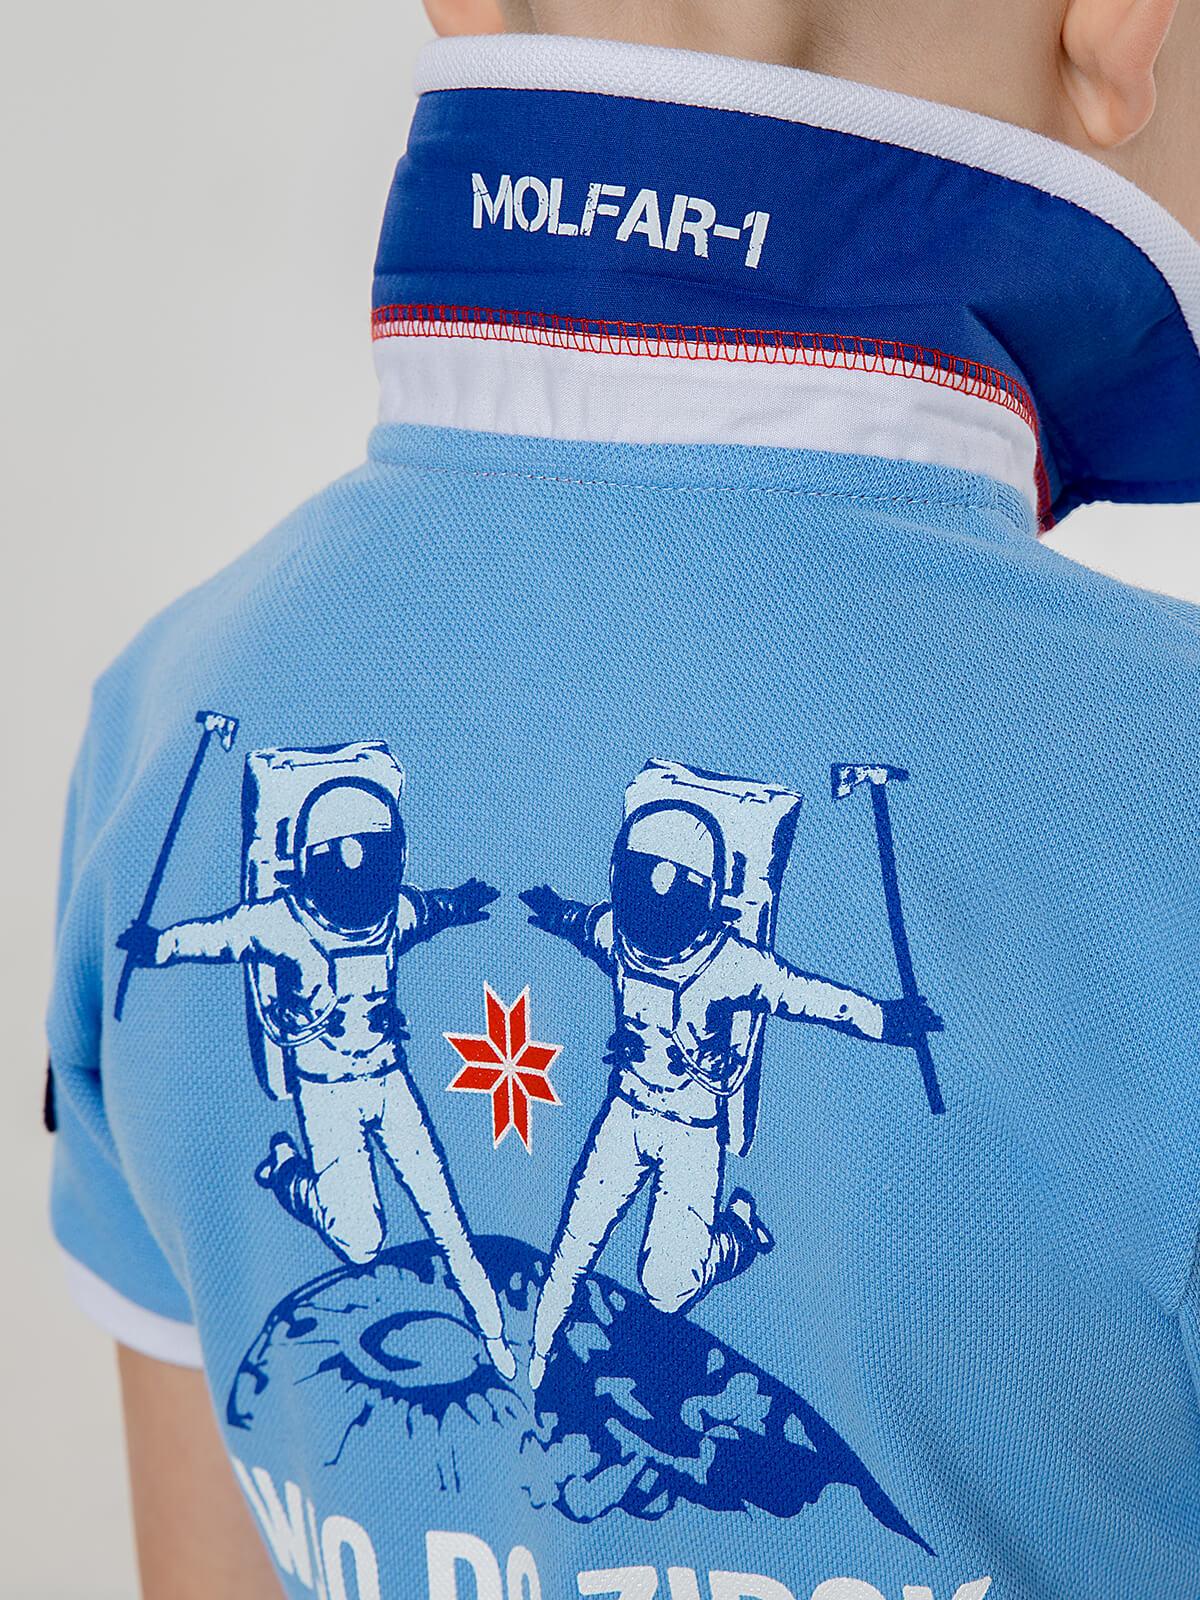 Дитяче Поло Molfar. Колір блакитний. 9.